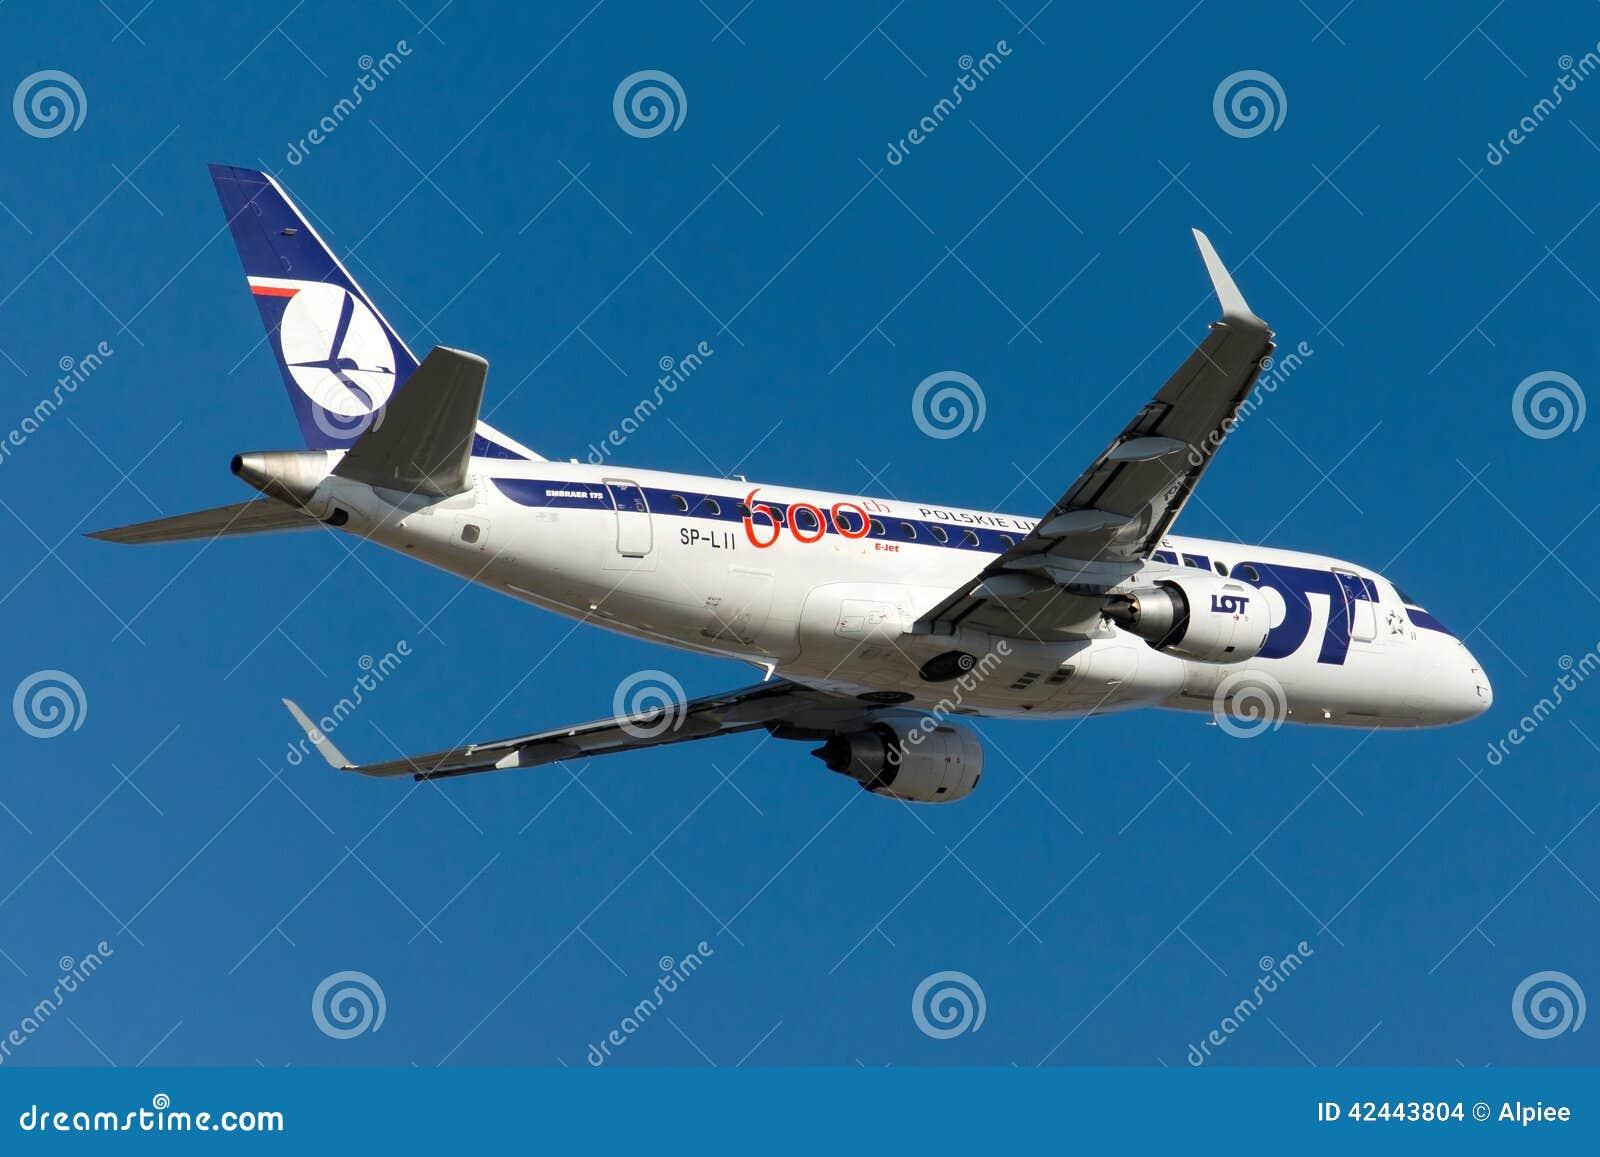 SP-LII LOT Polish Airlines Embraer 170-200LR